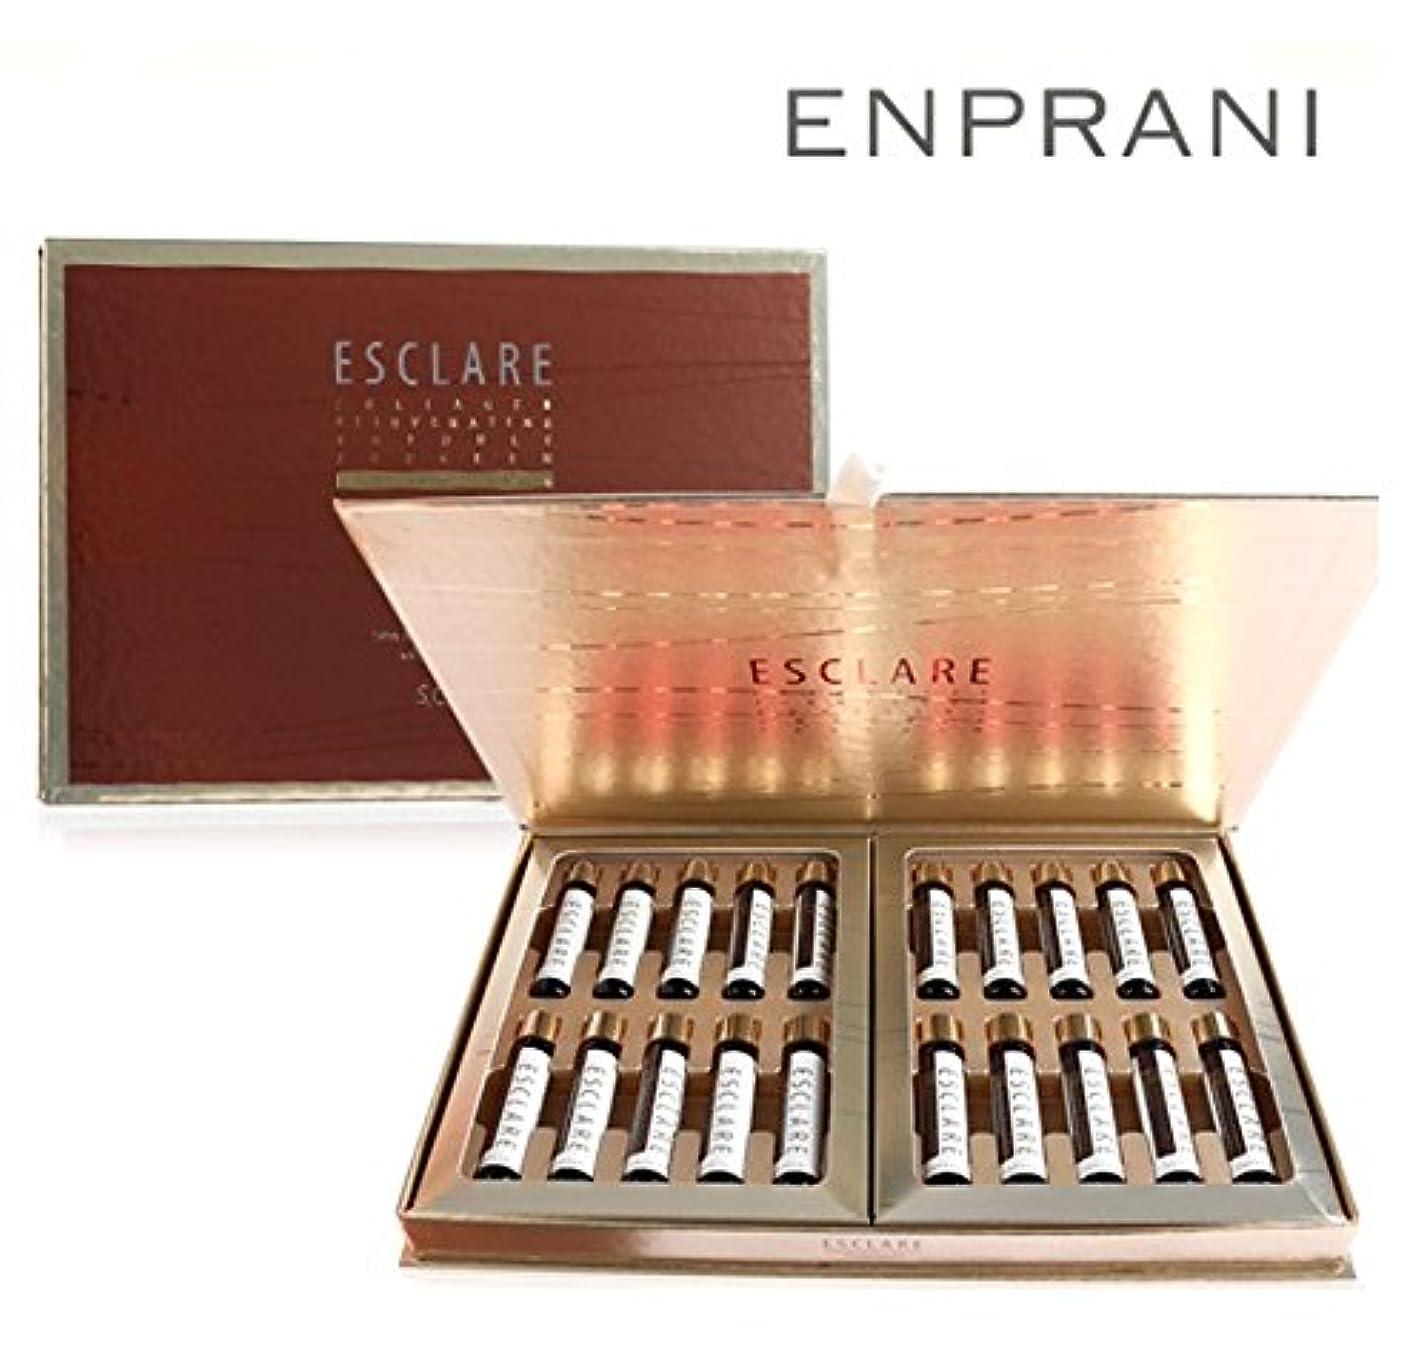 抵抗するクリーナー重量[Enprani] エスキュレアコラーゲンリジュベナレーティングアンプル_3ml x 20ea / 豊富な栄養と美白 / Esclare Collagen Rejuvenating Ampoule_3ml x 20ea...